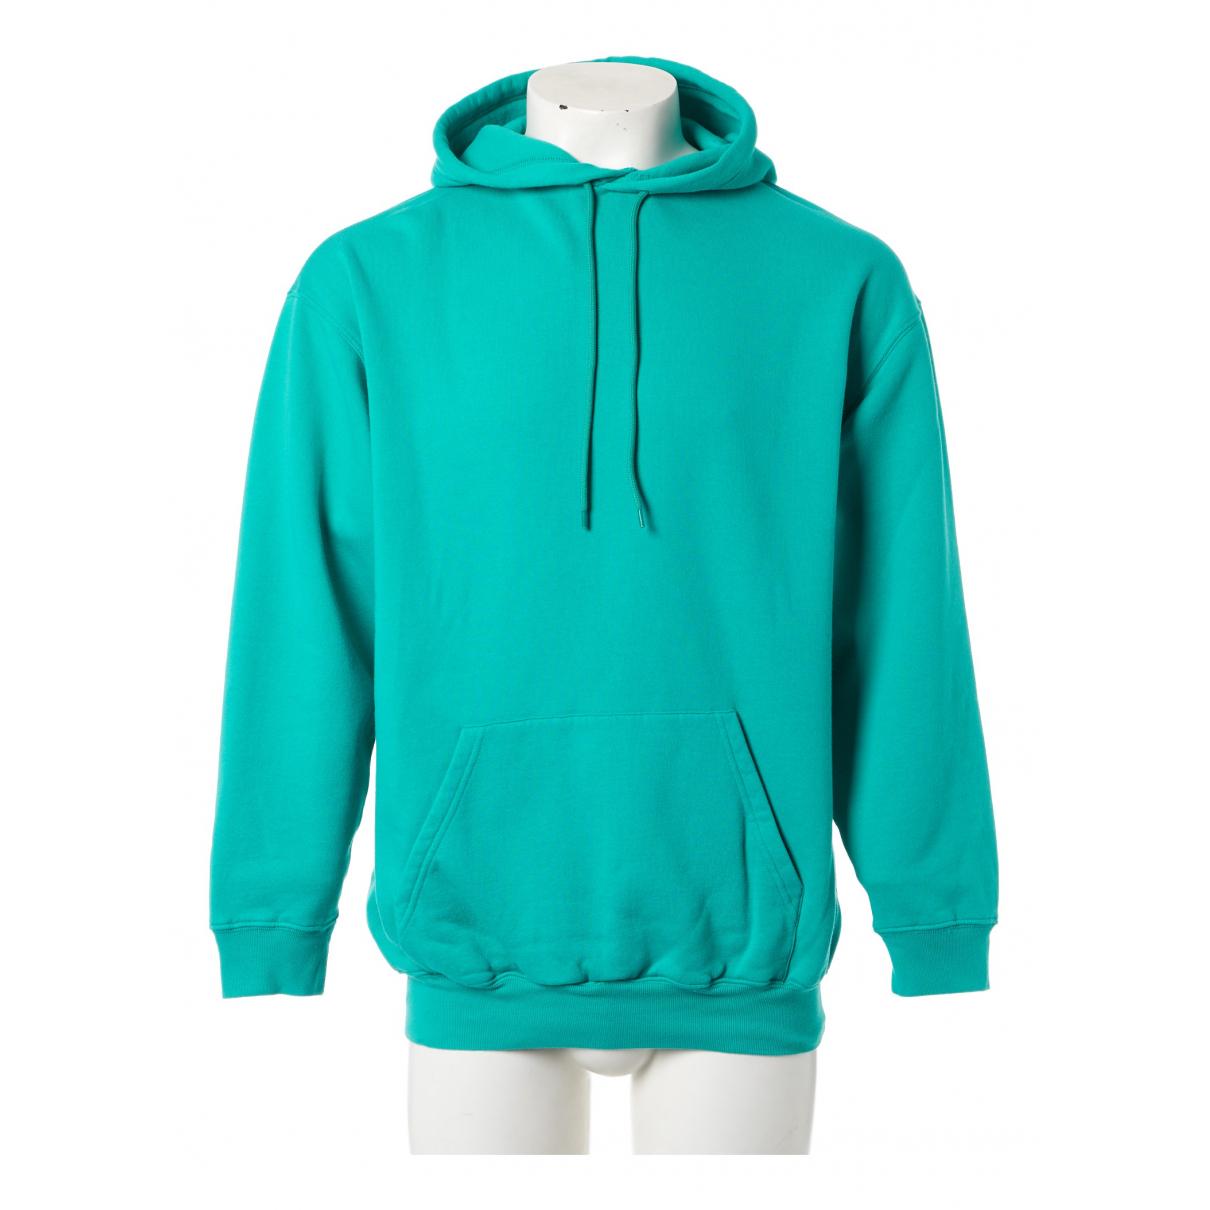 Balenciaga - Pulls.Gilets.Sweats   pour homme en coton - turquoise